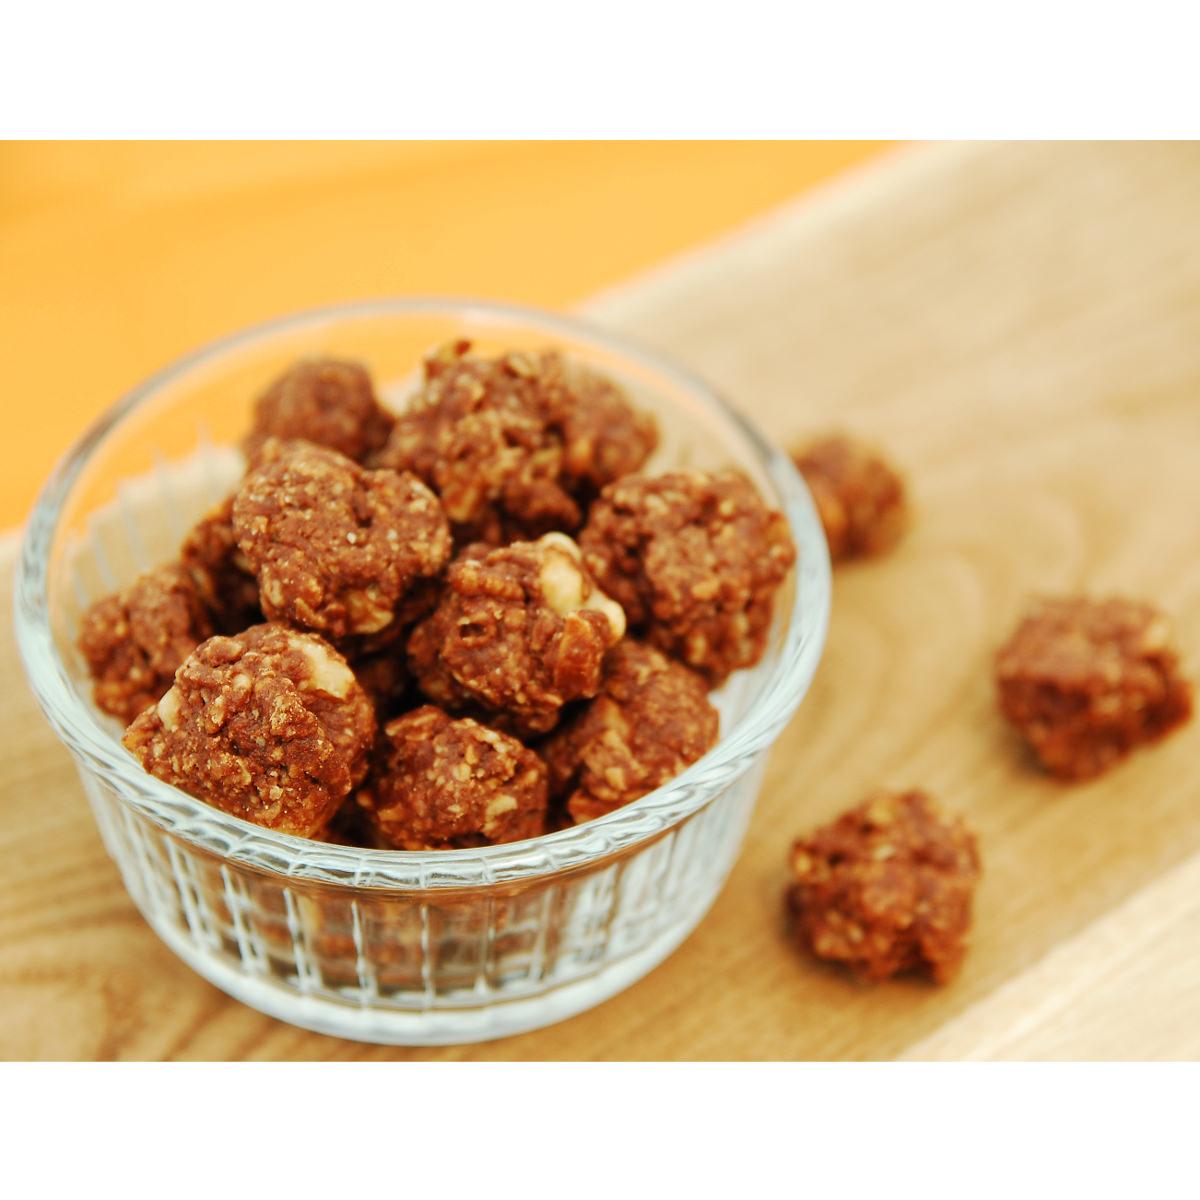 チョコレートグラノーラ 8個 〔30g×8〕 東京都 砂糖不使用 ヴィーガン 焼菓子 チャヤ マクロビオティックス